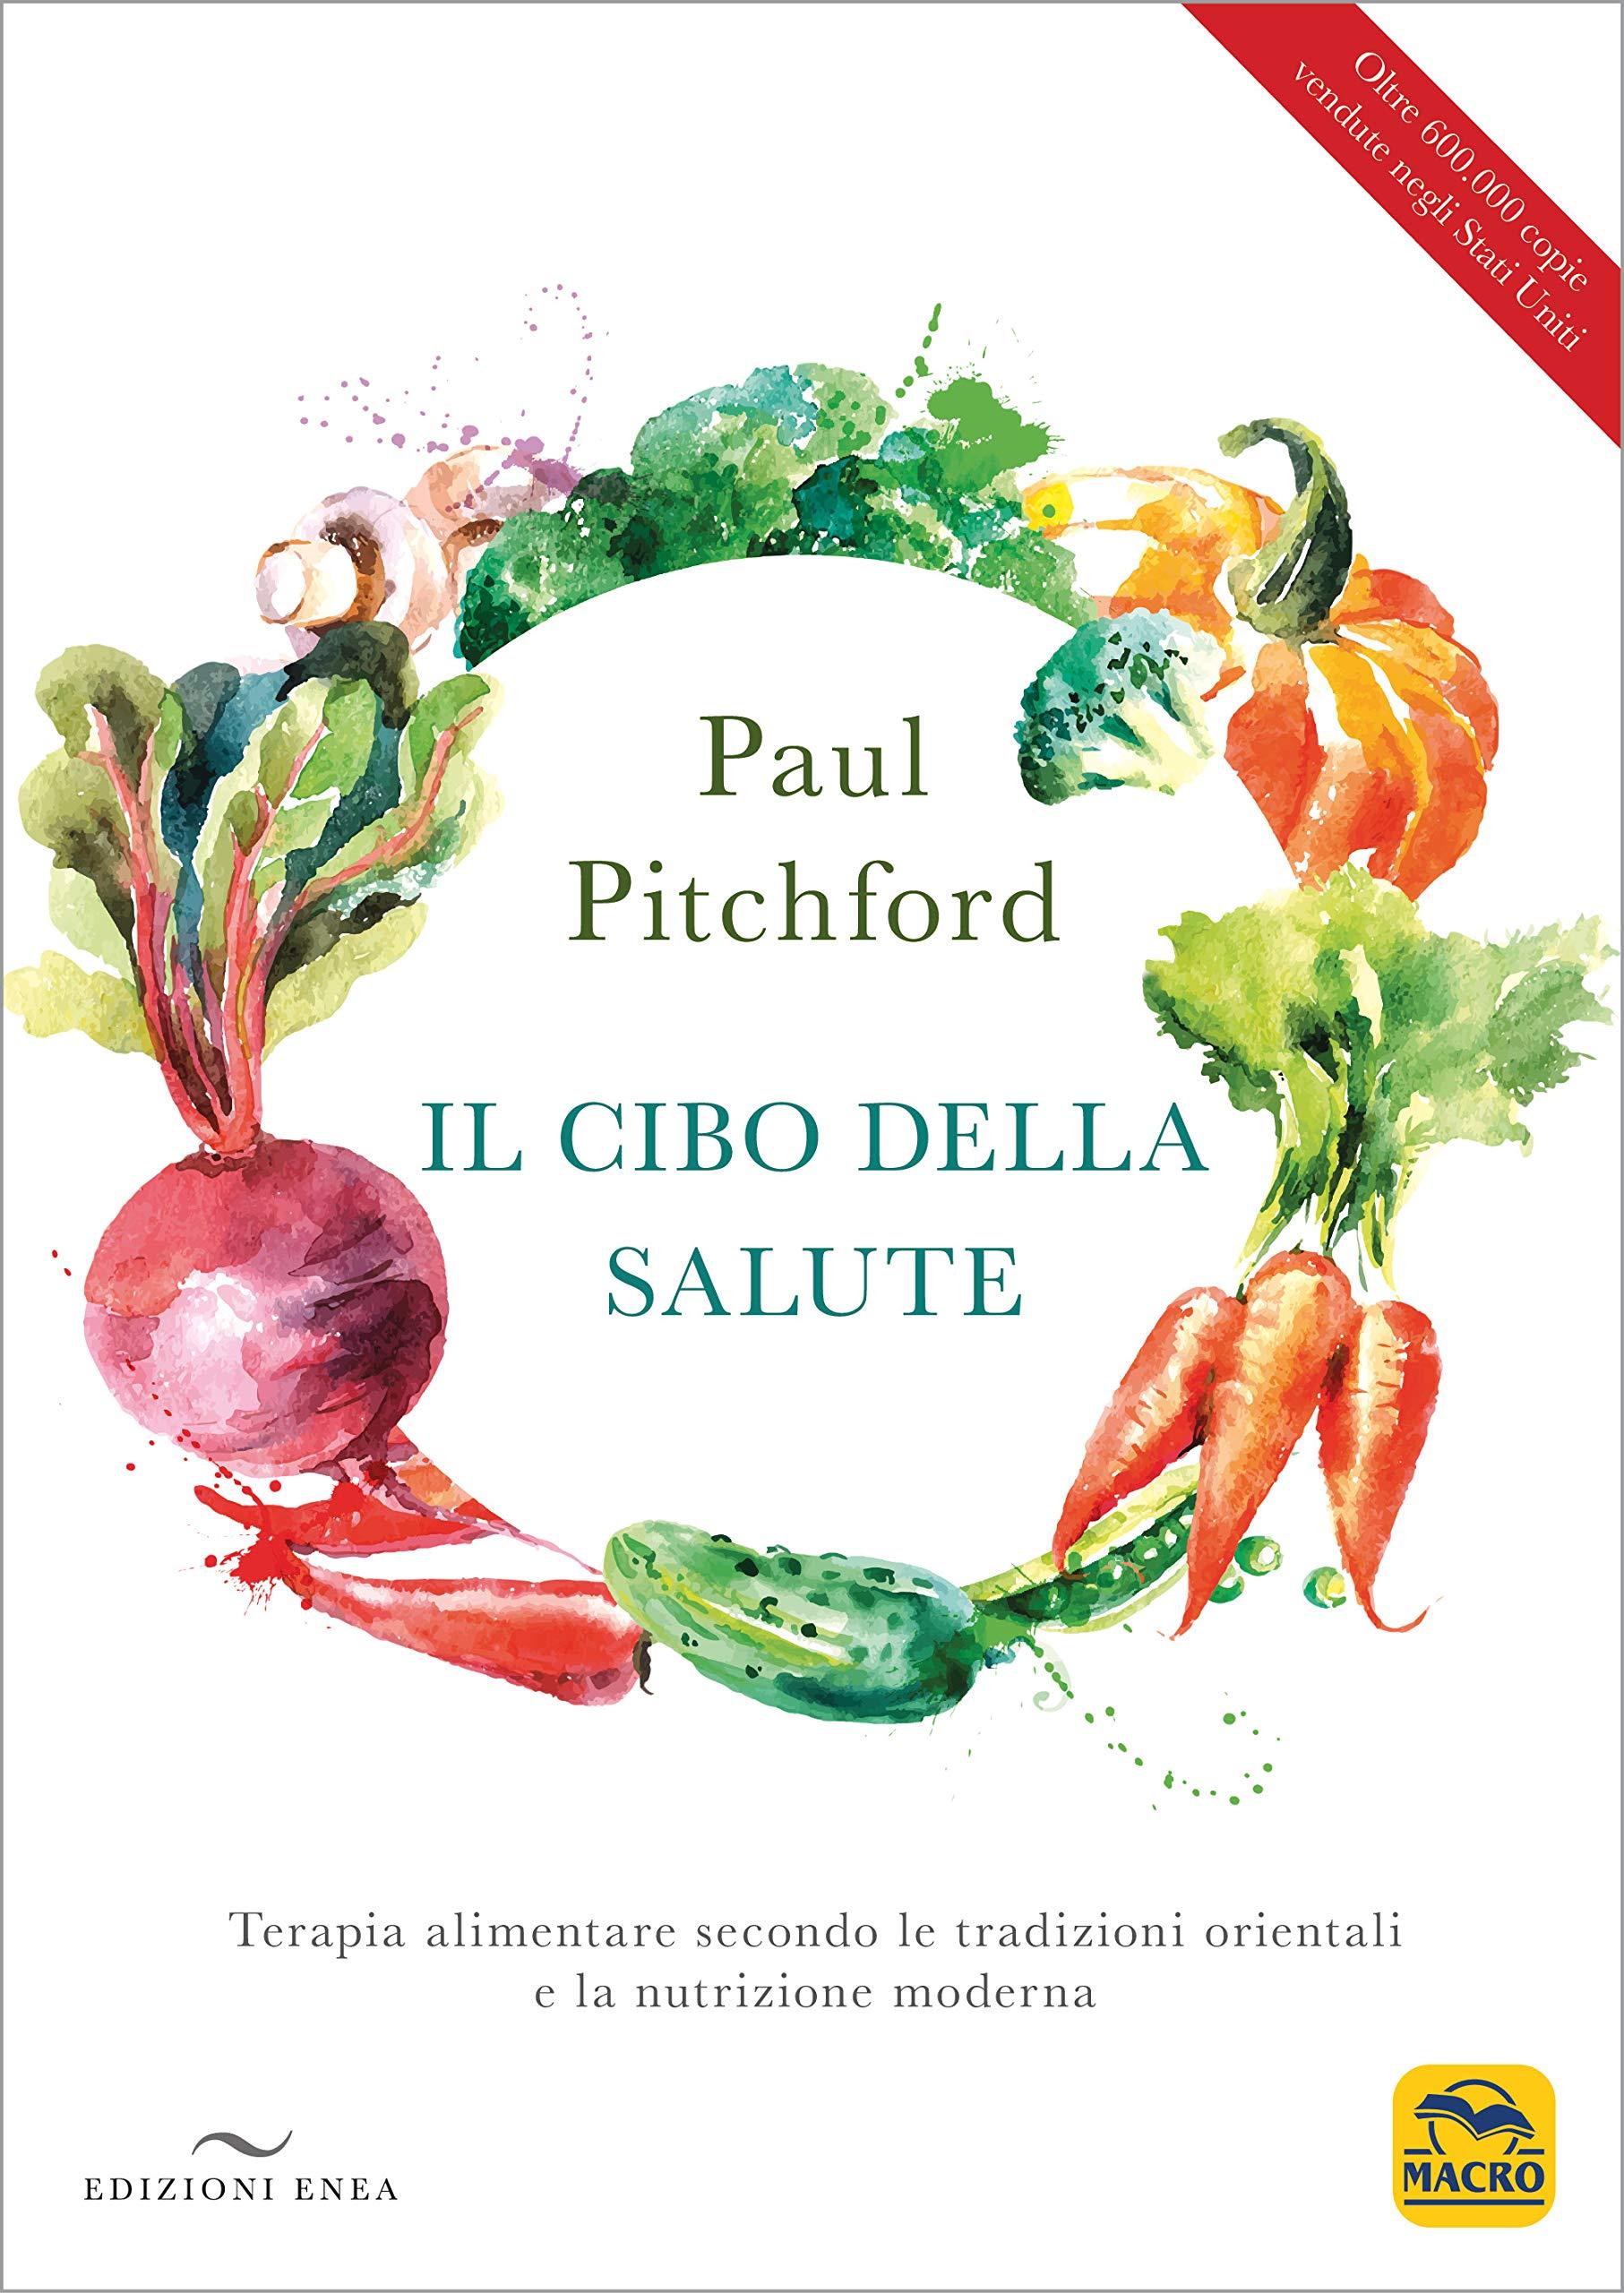 Il Cibo Della Salute Terapia Alimentare Secondo Le Tradizioni Orientali E La Nutrizione Moderna Amazon It Pitchford Paul Libri